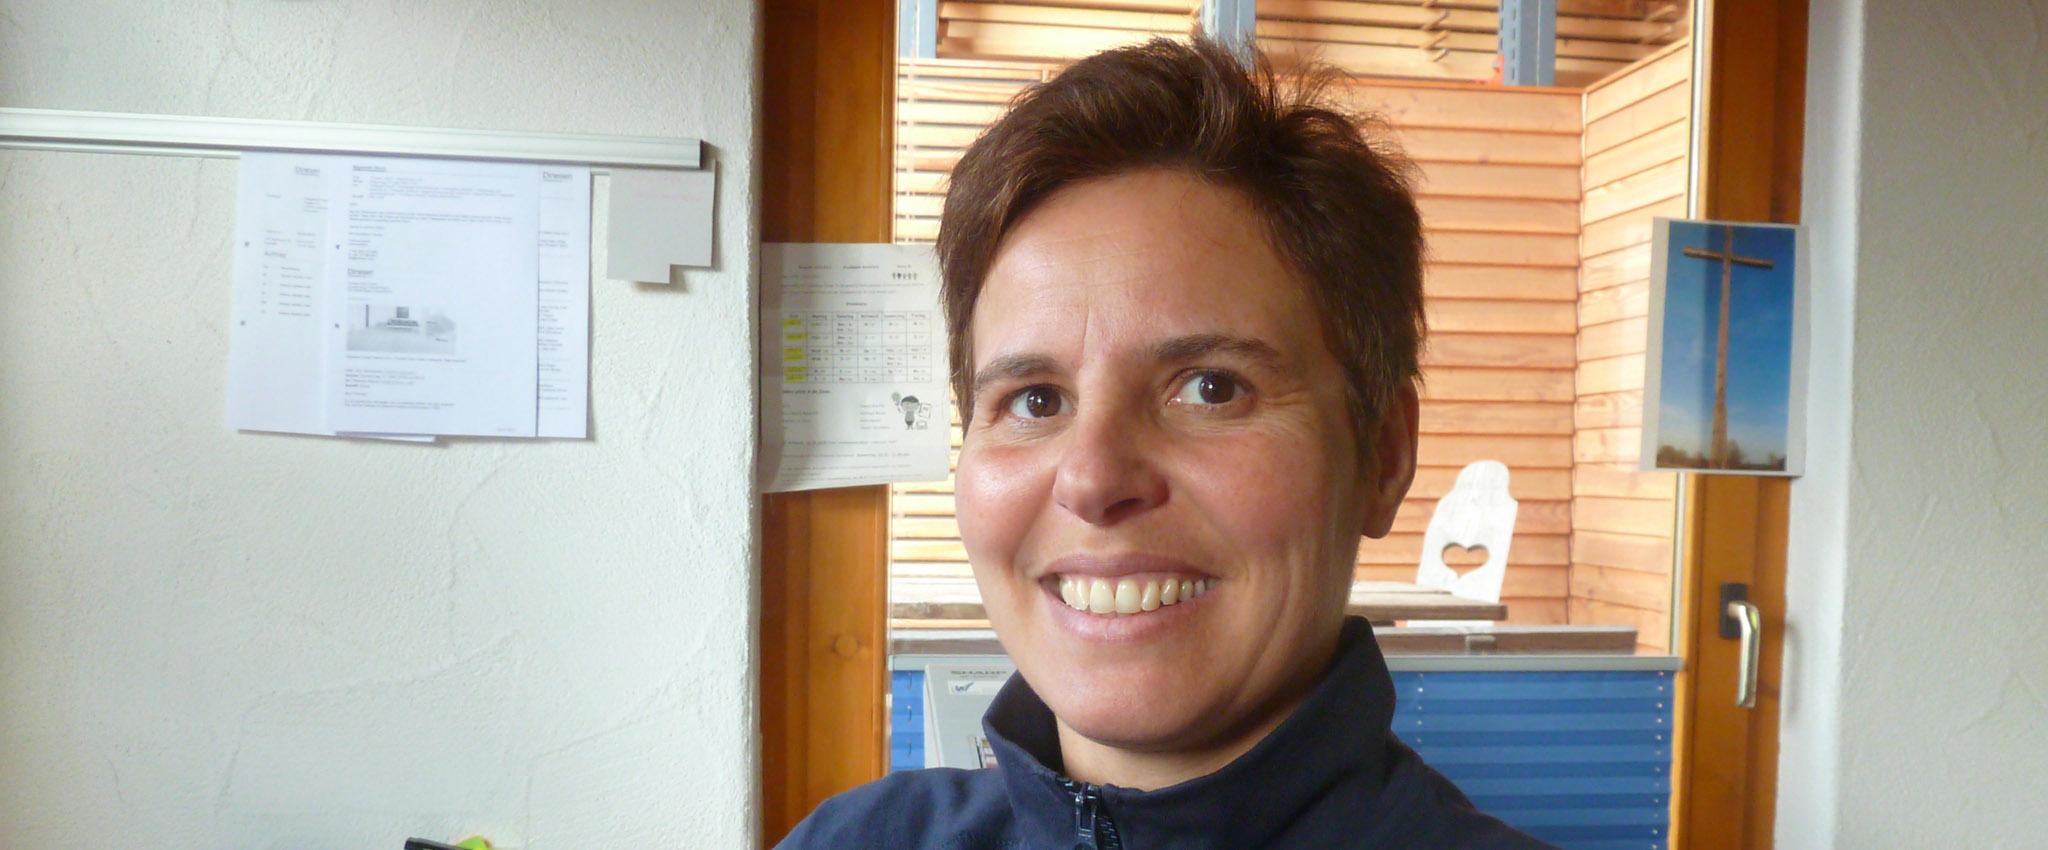 Daniela Försch